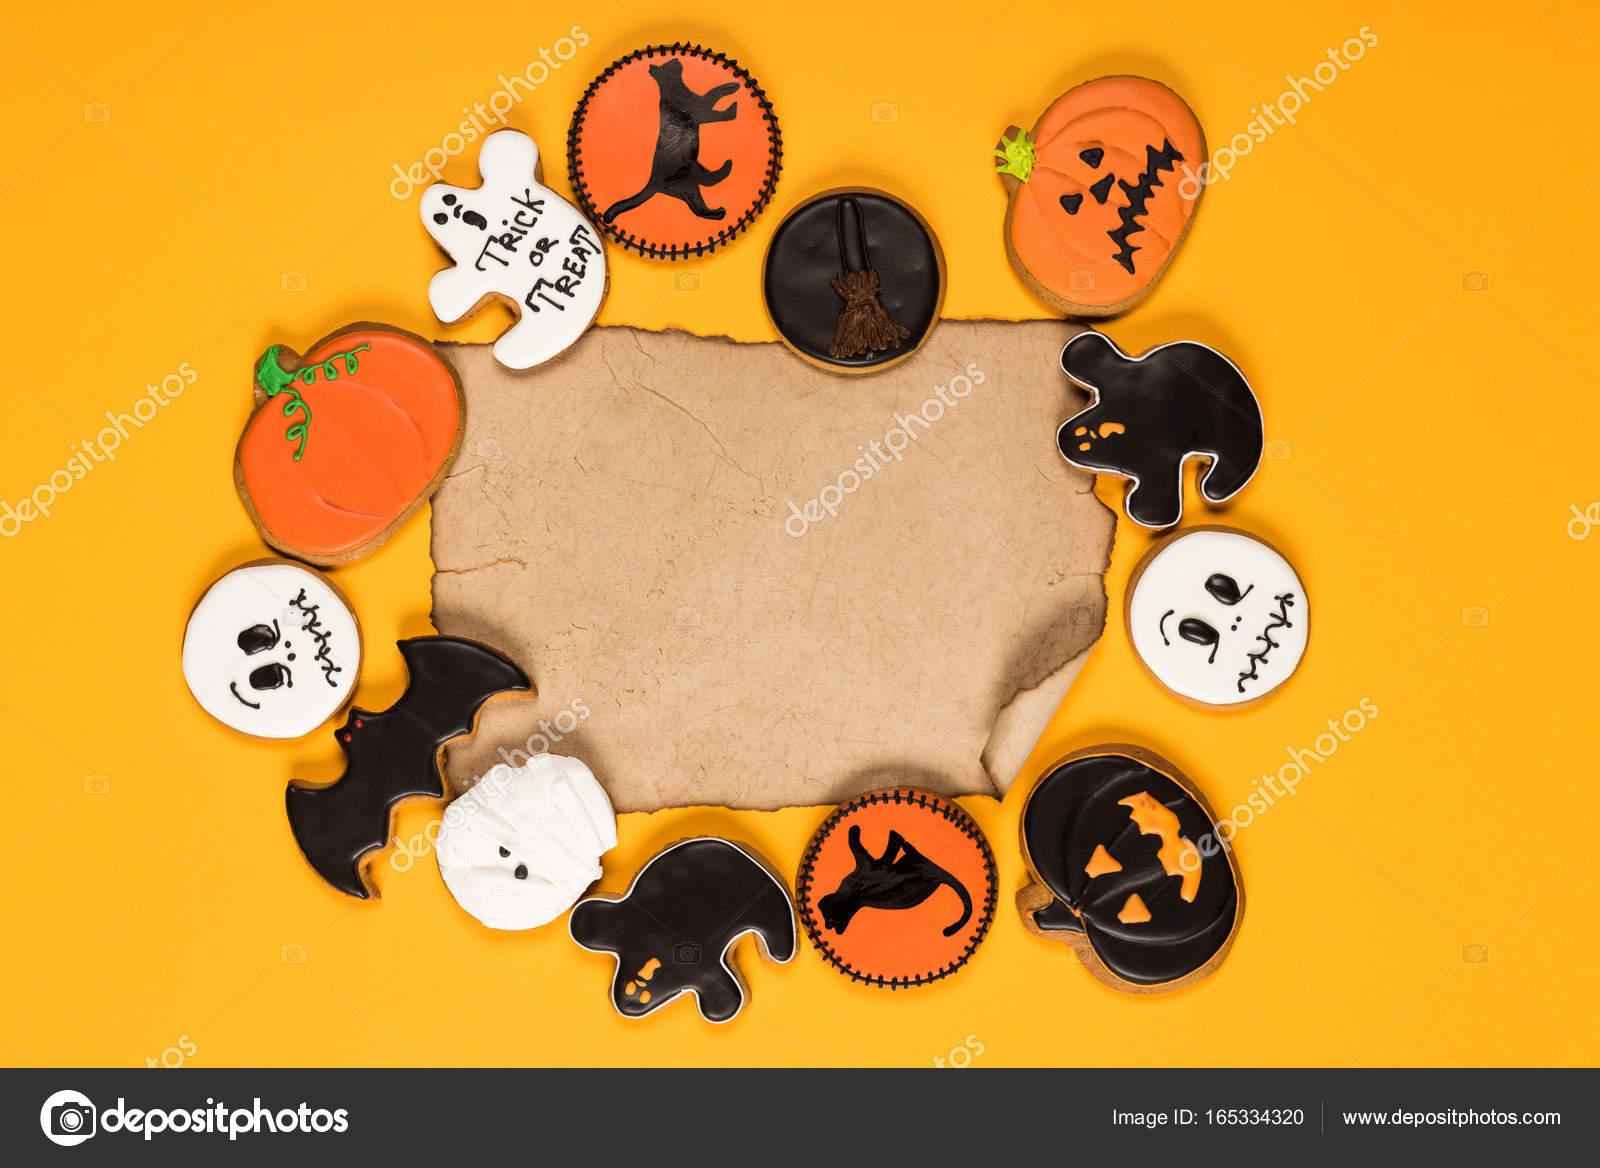 marco de galletas de halloween Foto de stock VadimVasenin 165334320